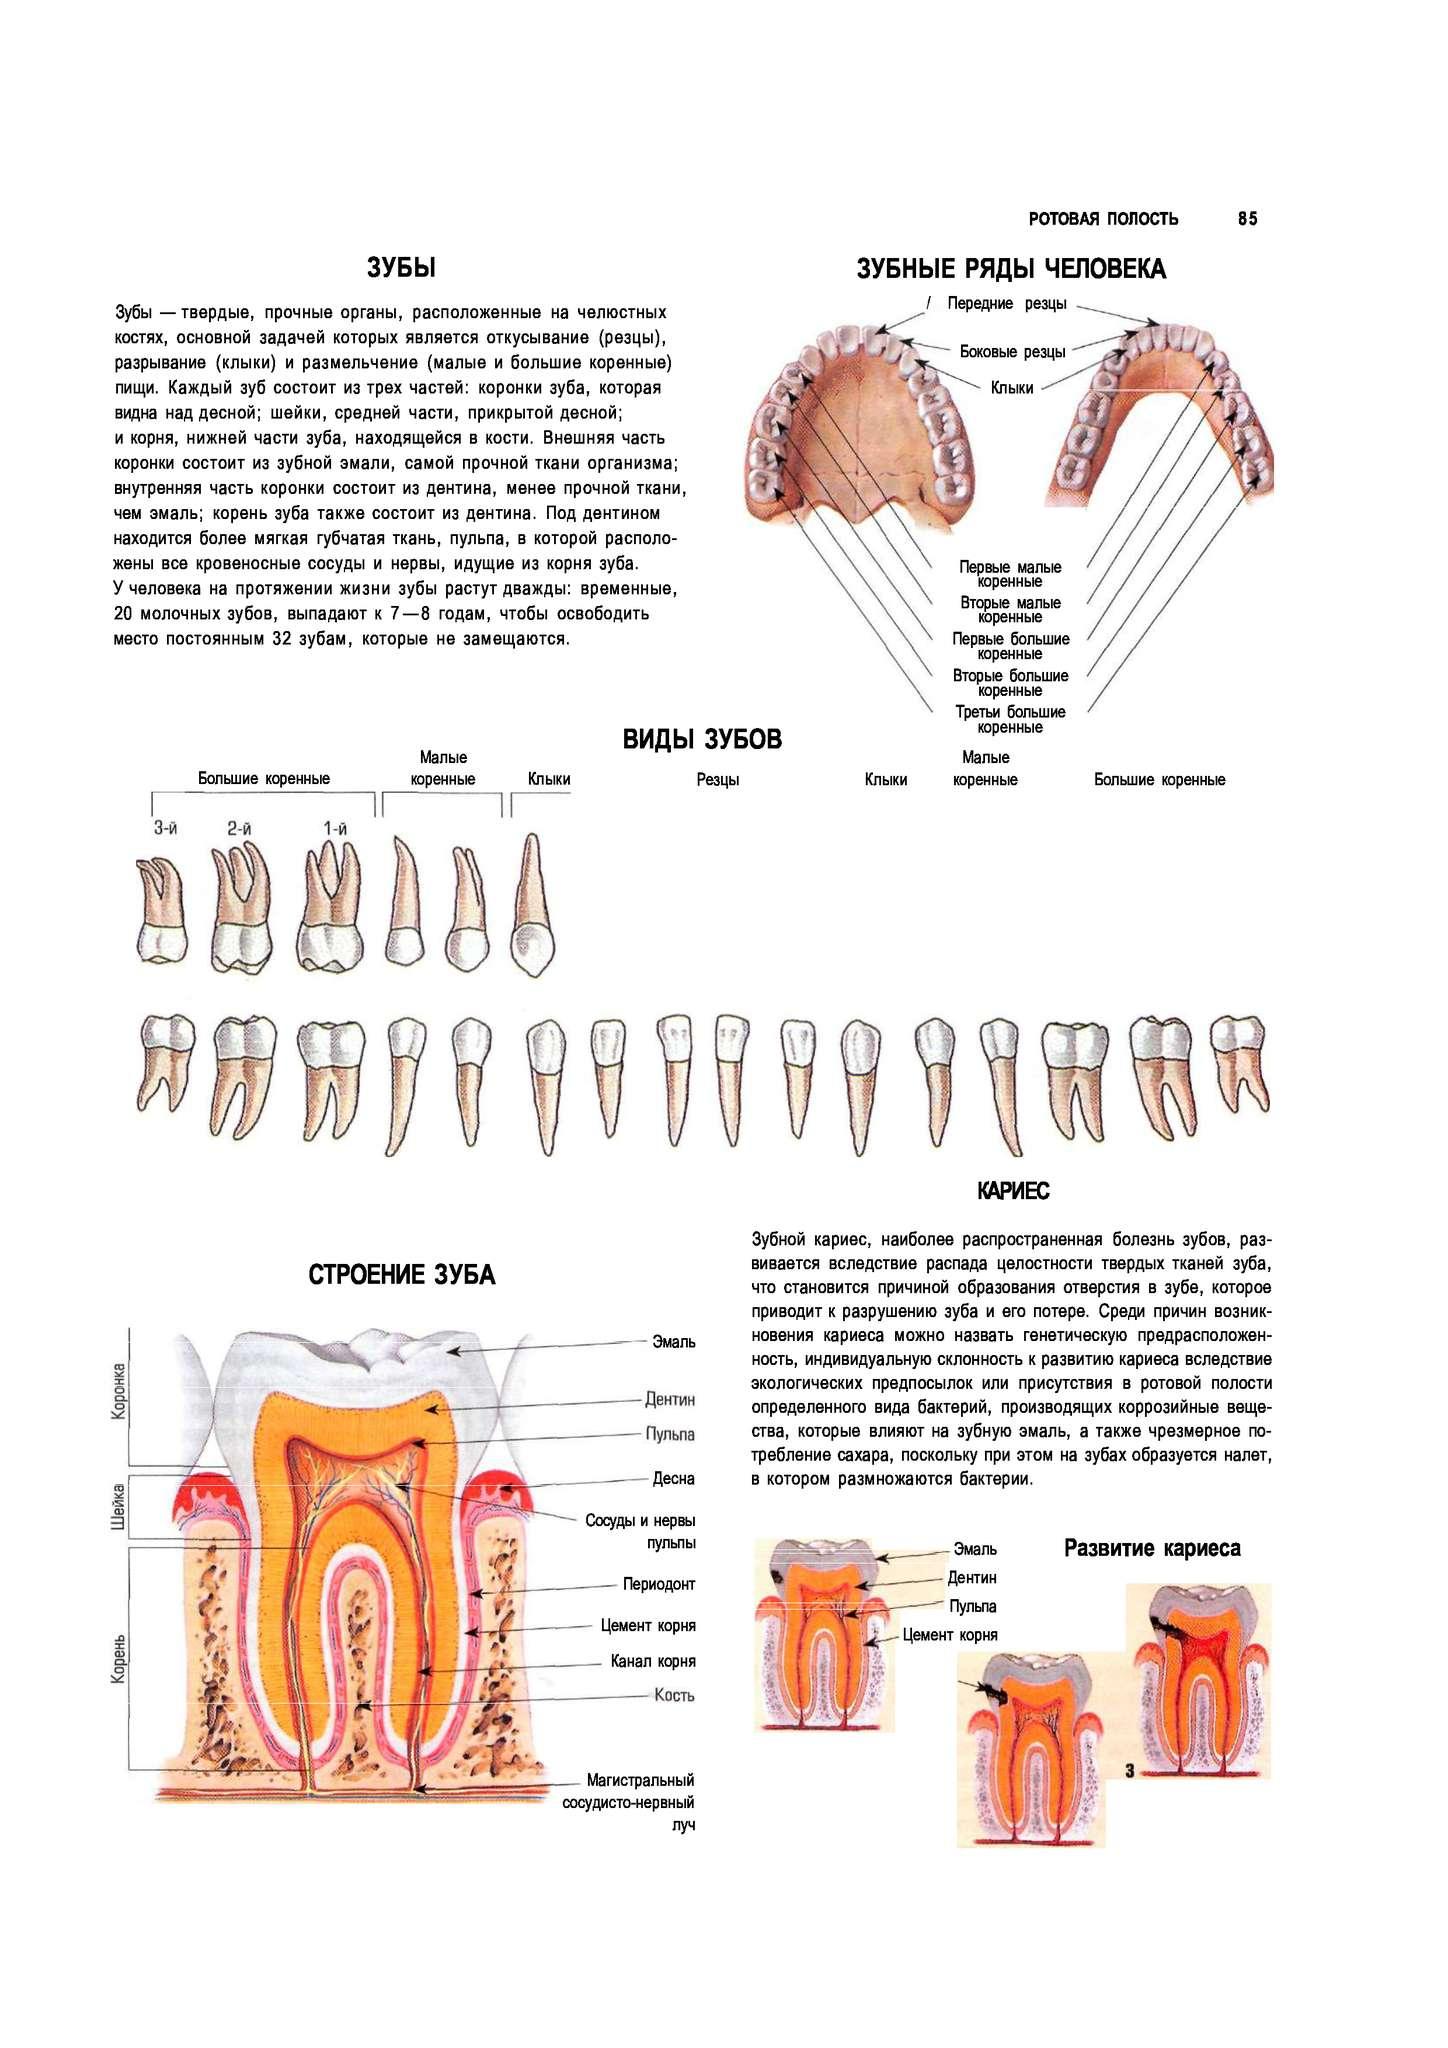 Болезни полости рта: основные инфекции во рту у человека